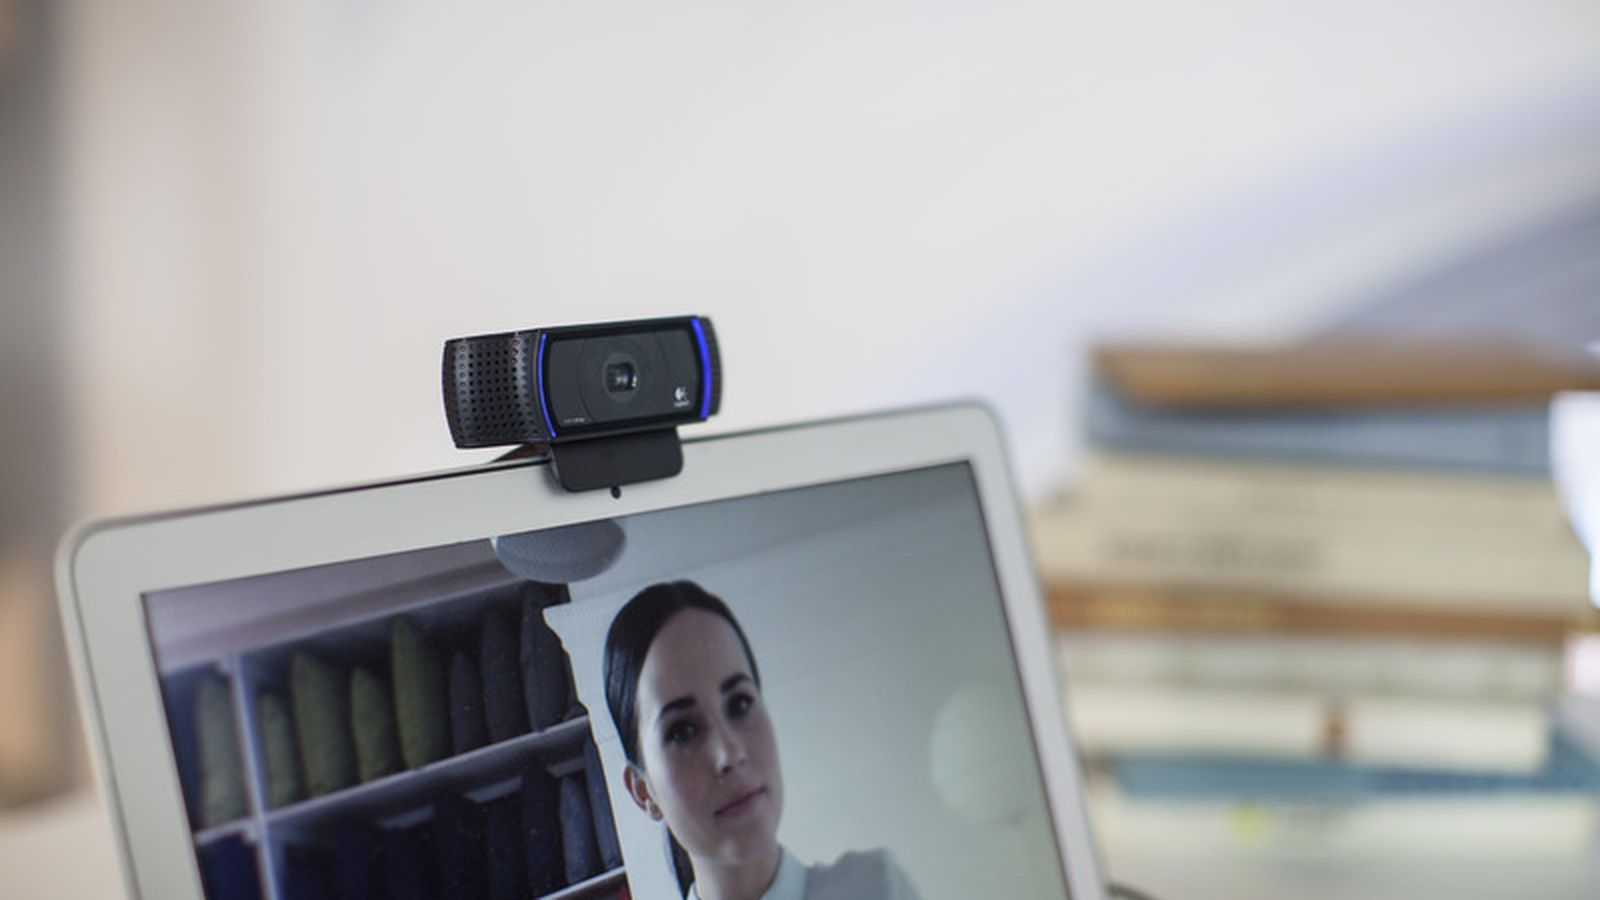 La versión aniversario de Windows 10 no es compatible con muchas webcams